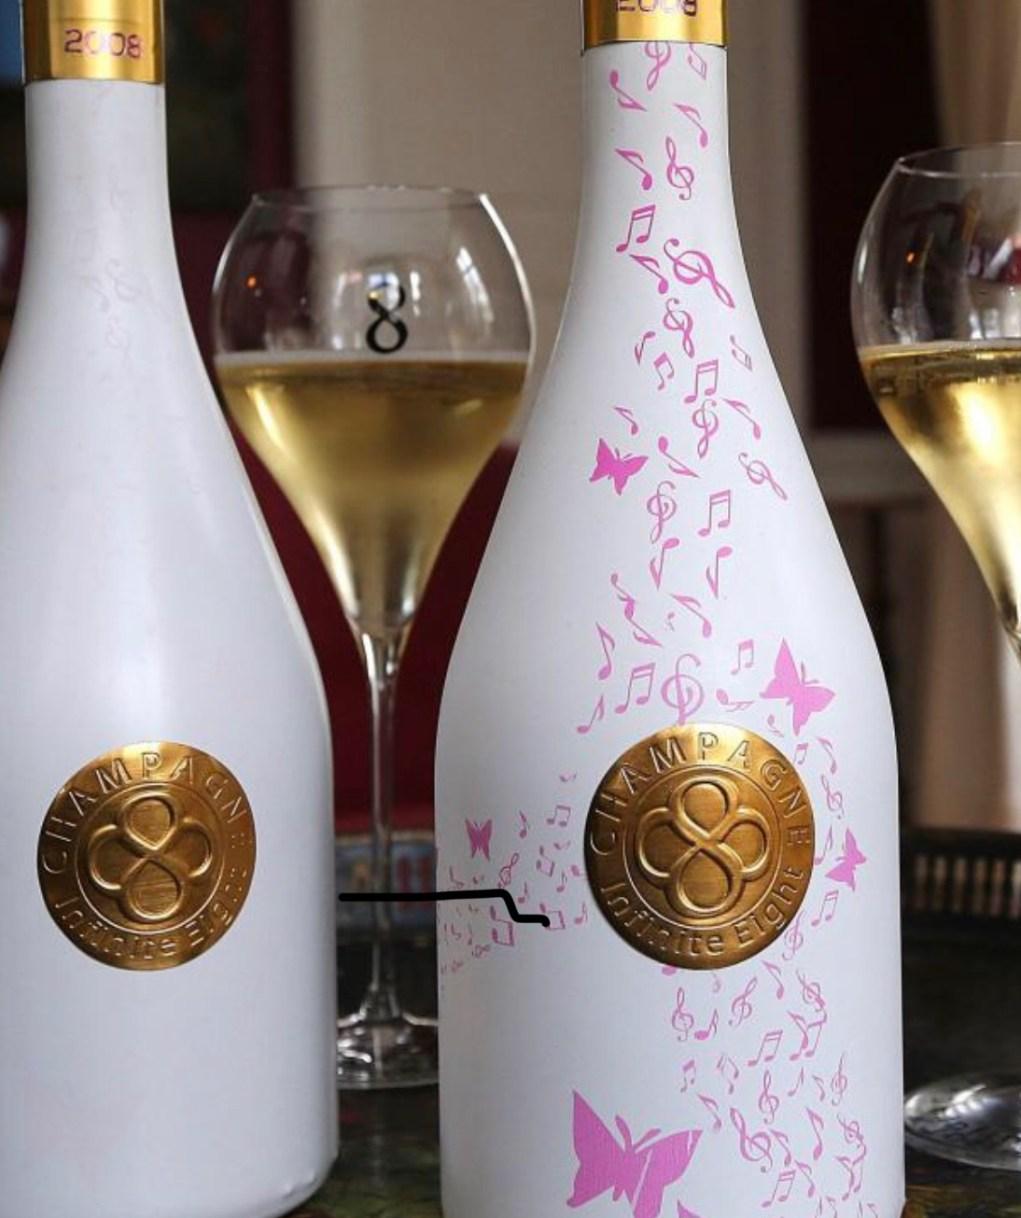 Des papillons roses pour apprécier la fraîcheur du champagne . (photo AFP)